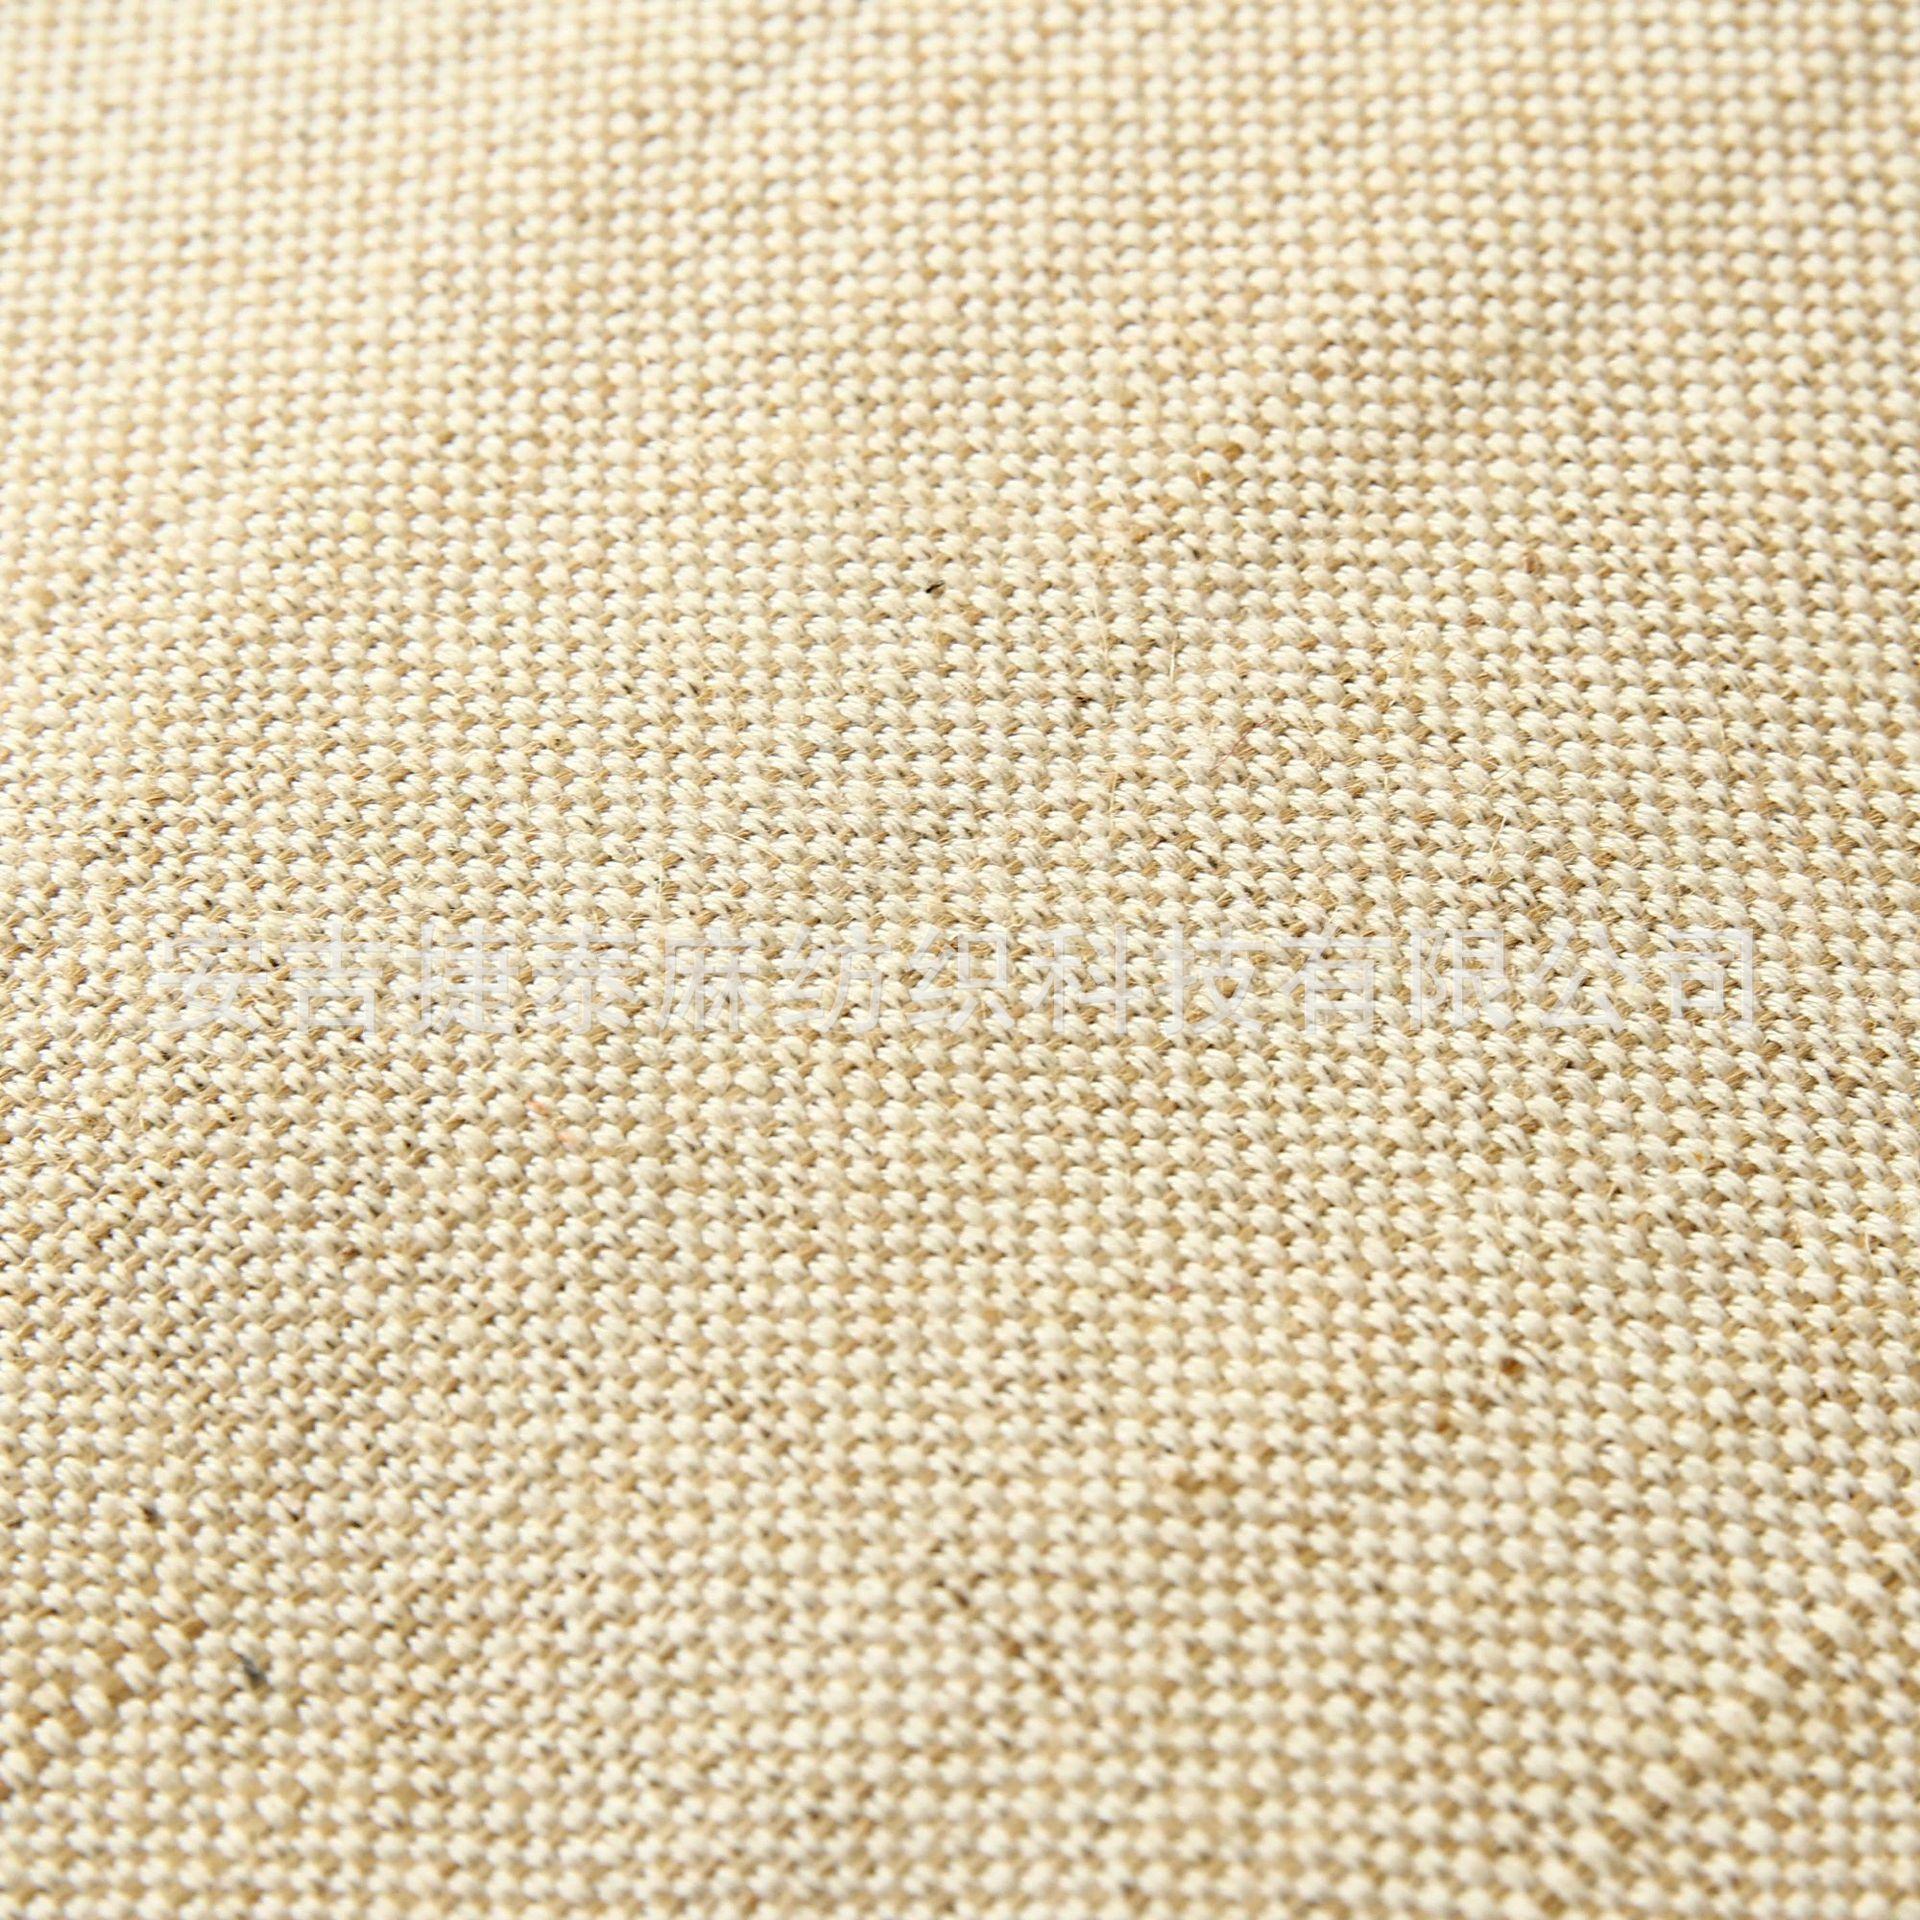 JIETAI Vải Cotton pha Nhà máy cung cấp trực tiếp vải cotton và vải lanh pha trộn Giày và túi vải cot